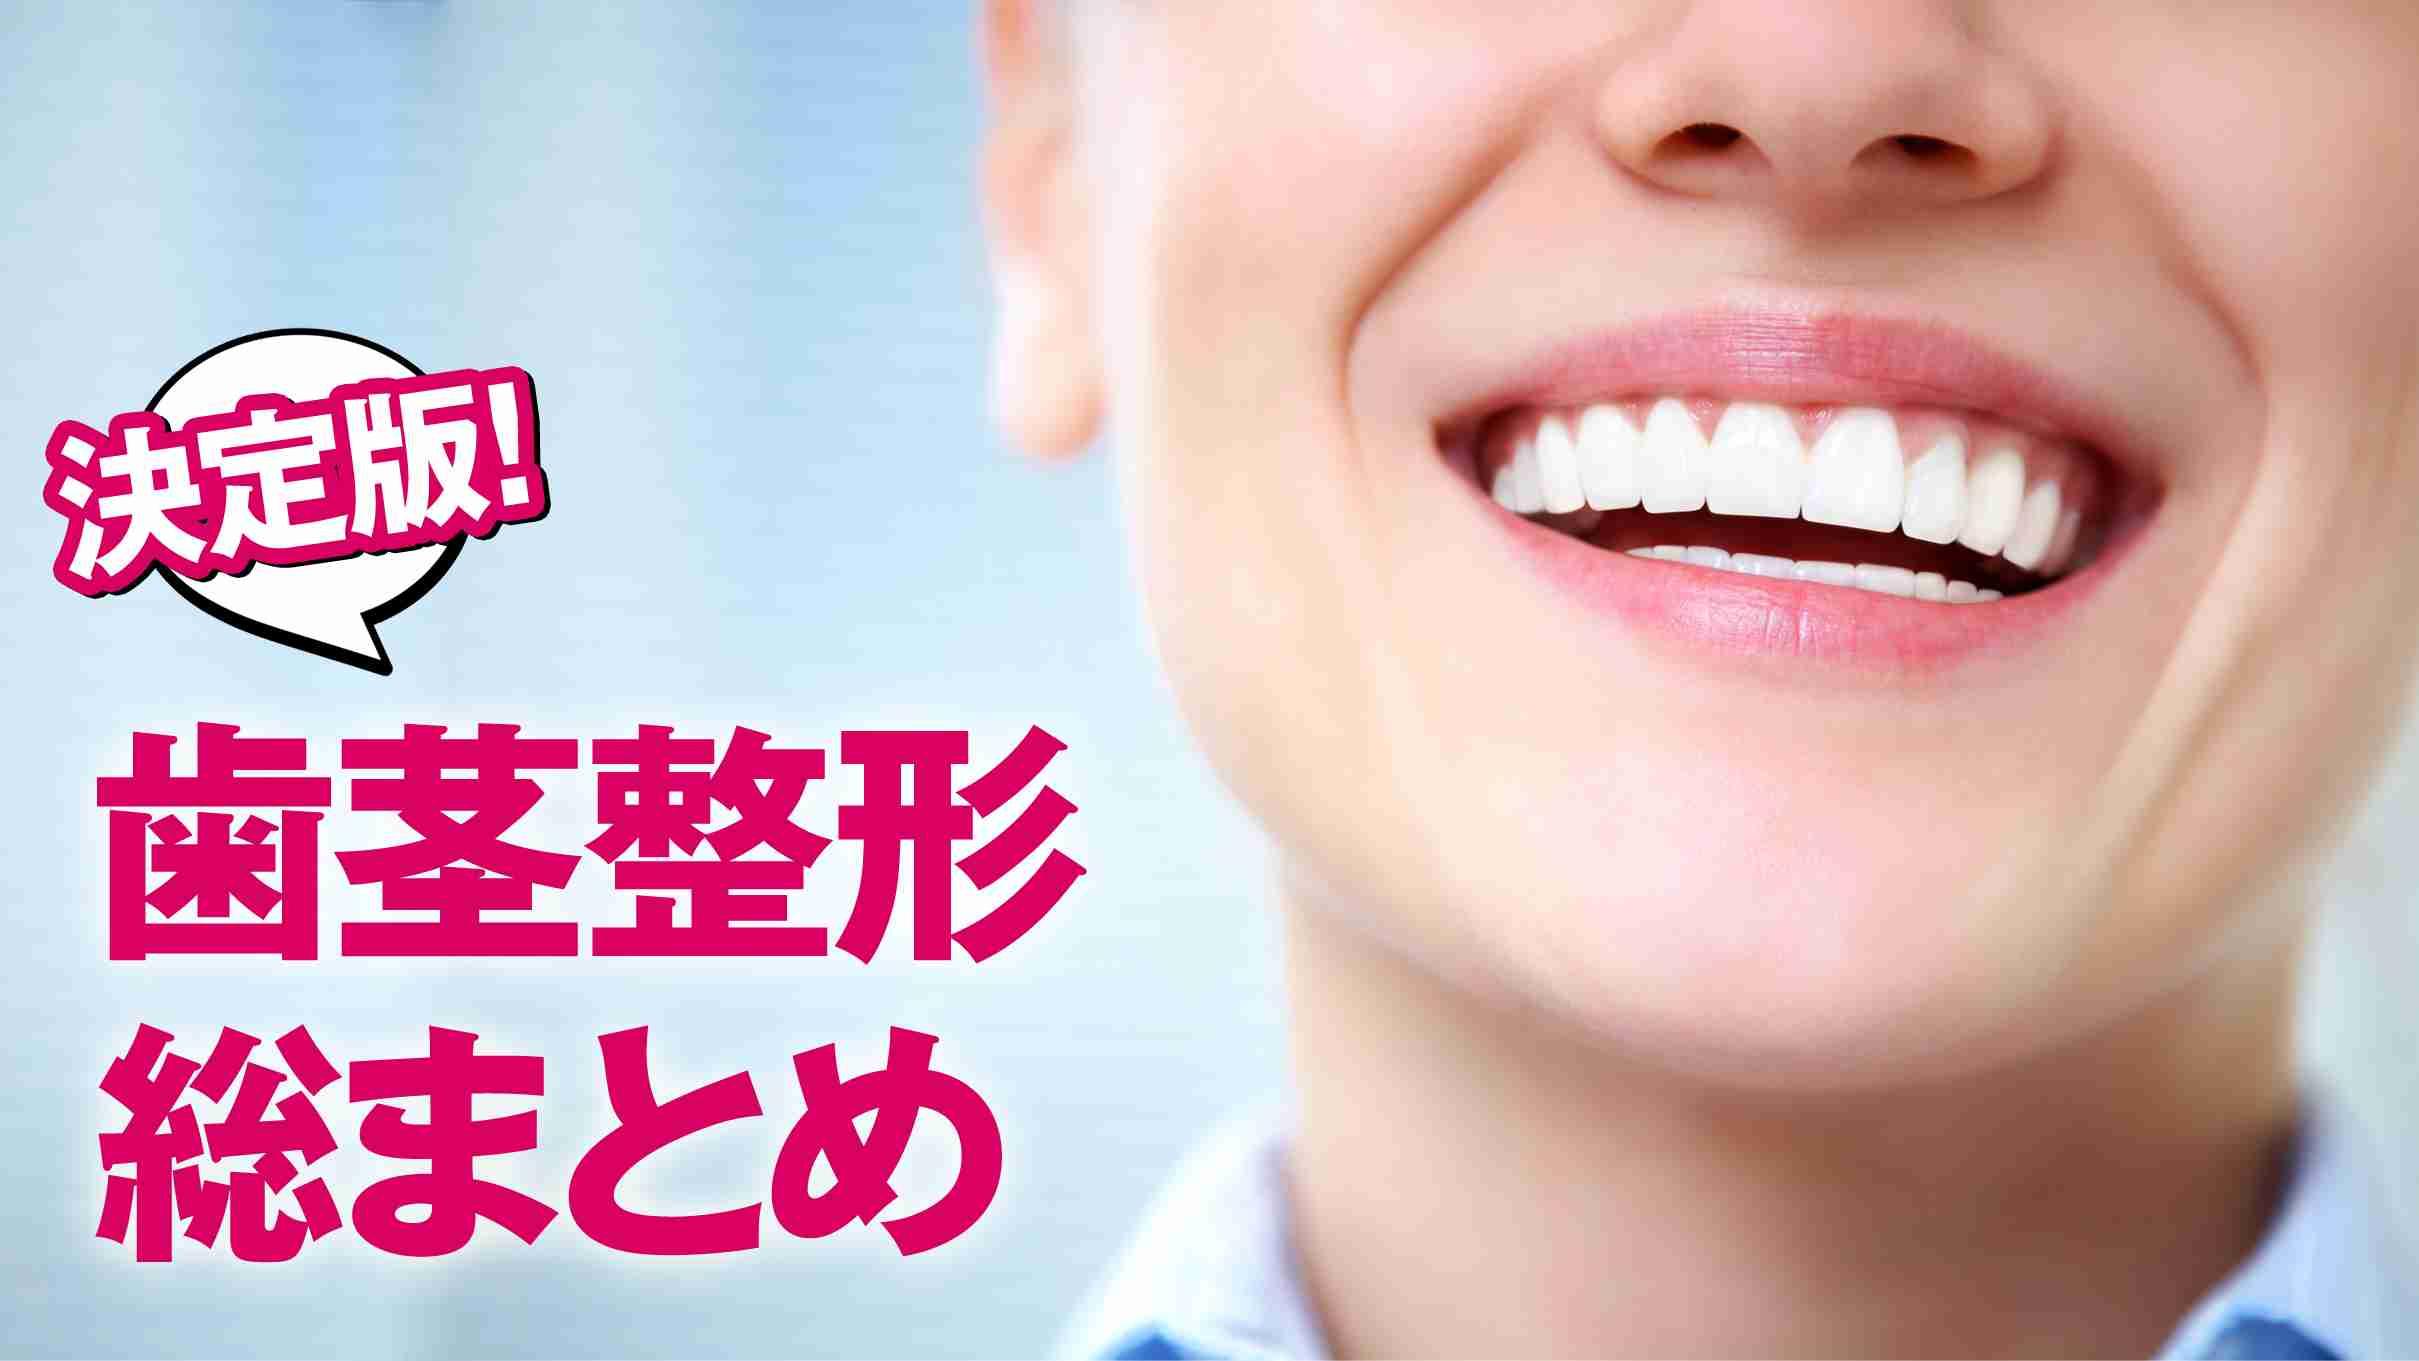 【決定版】ガミースマイルを治す!歯茎整形の総まとめ